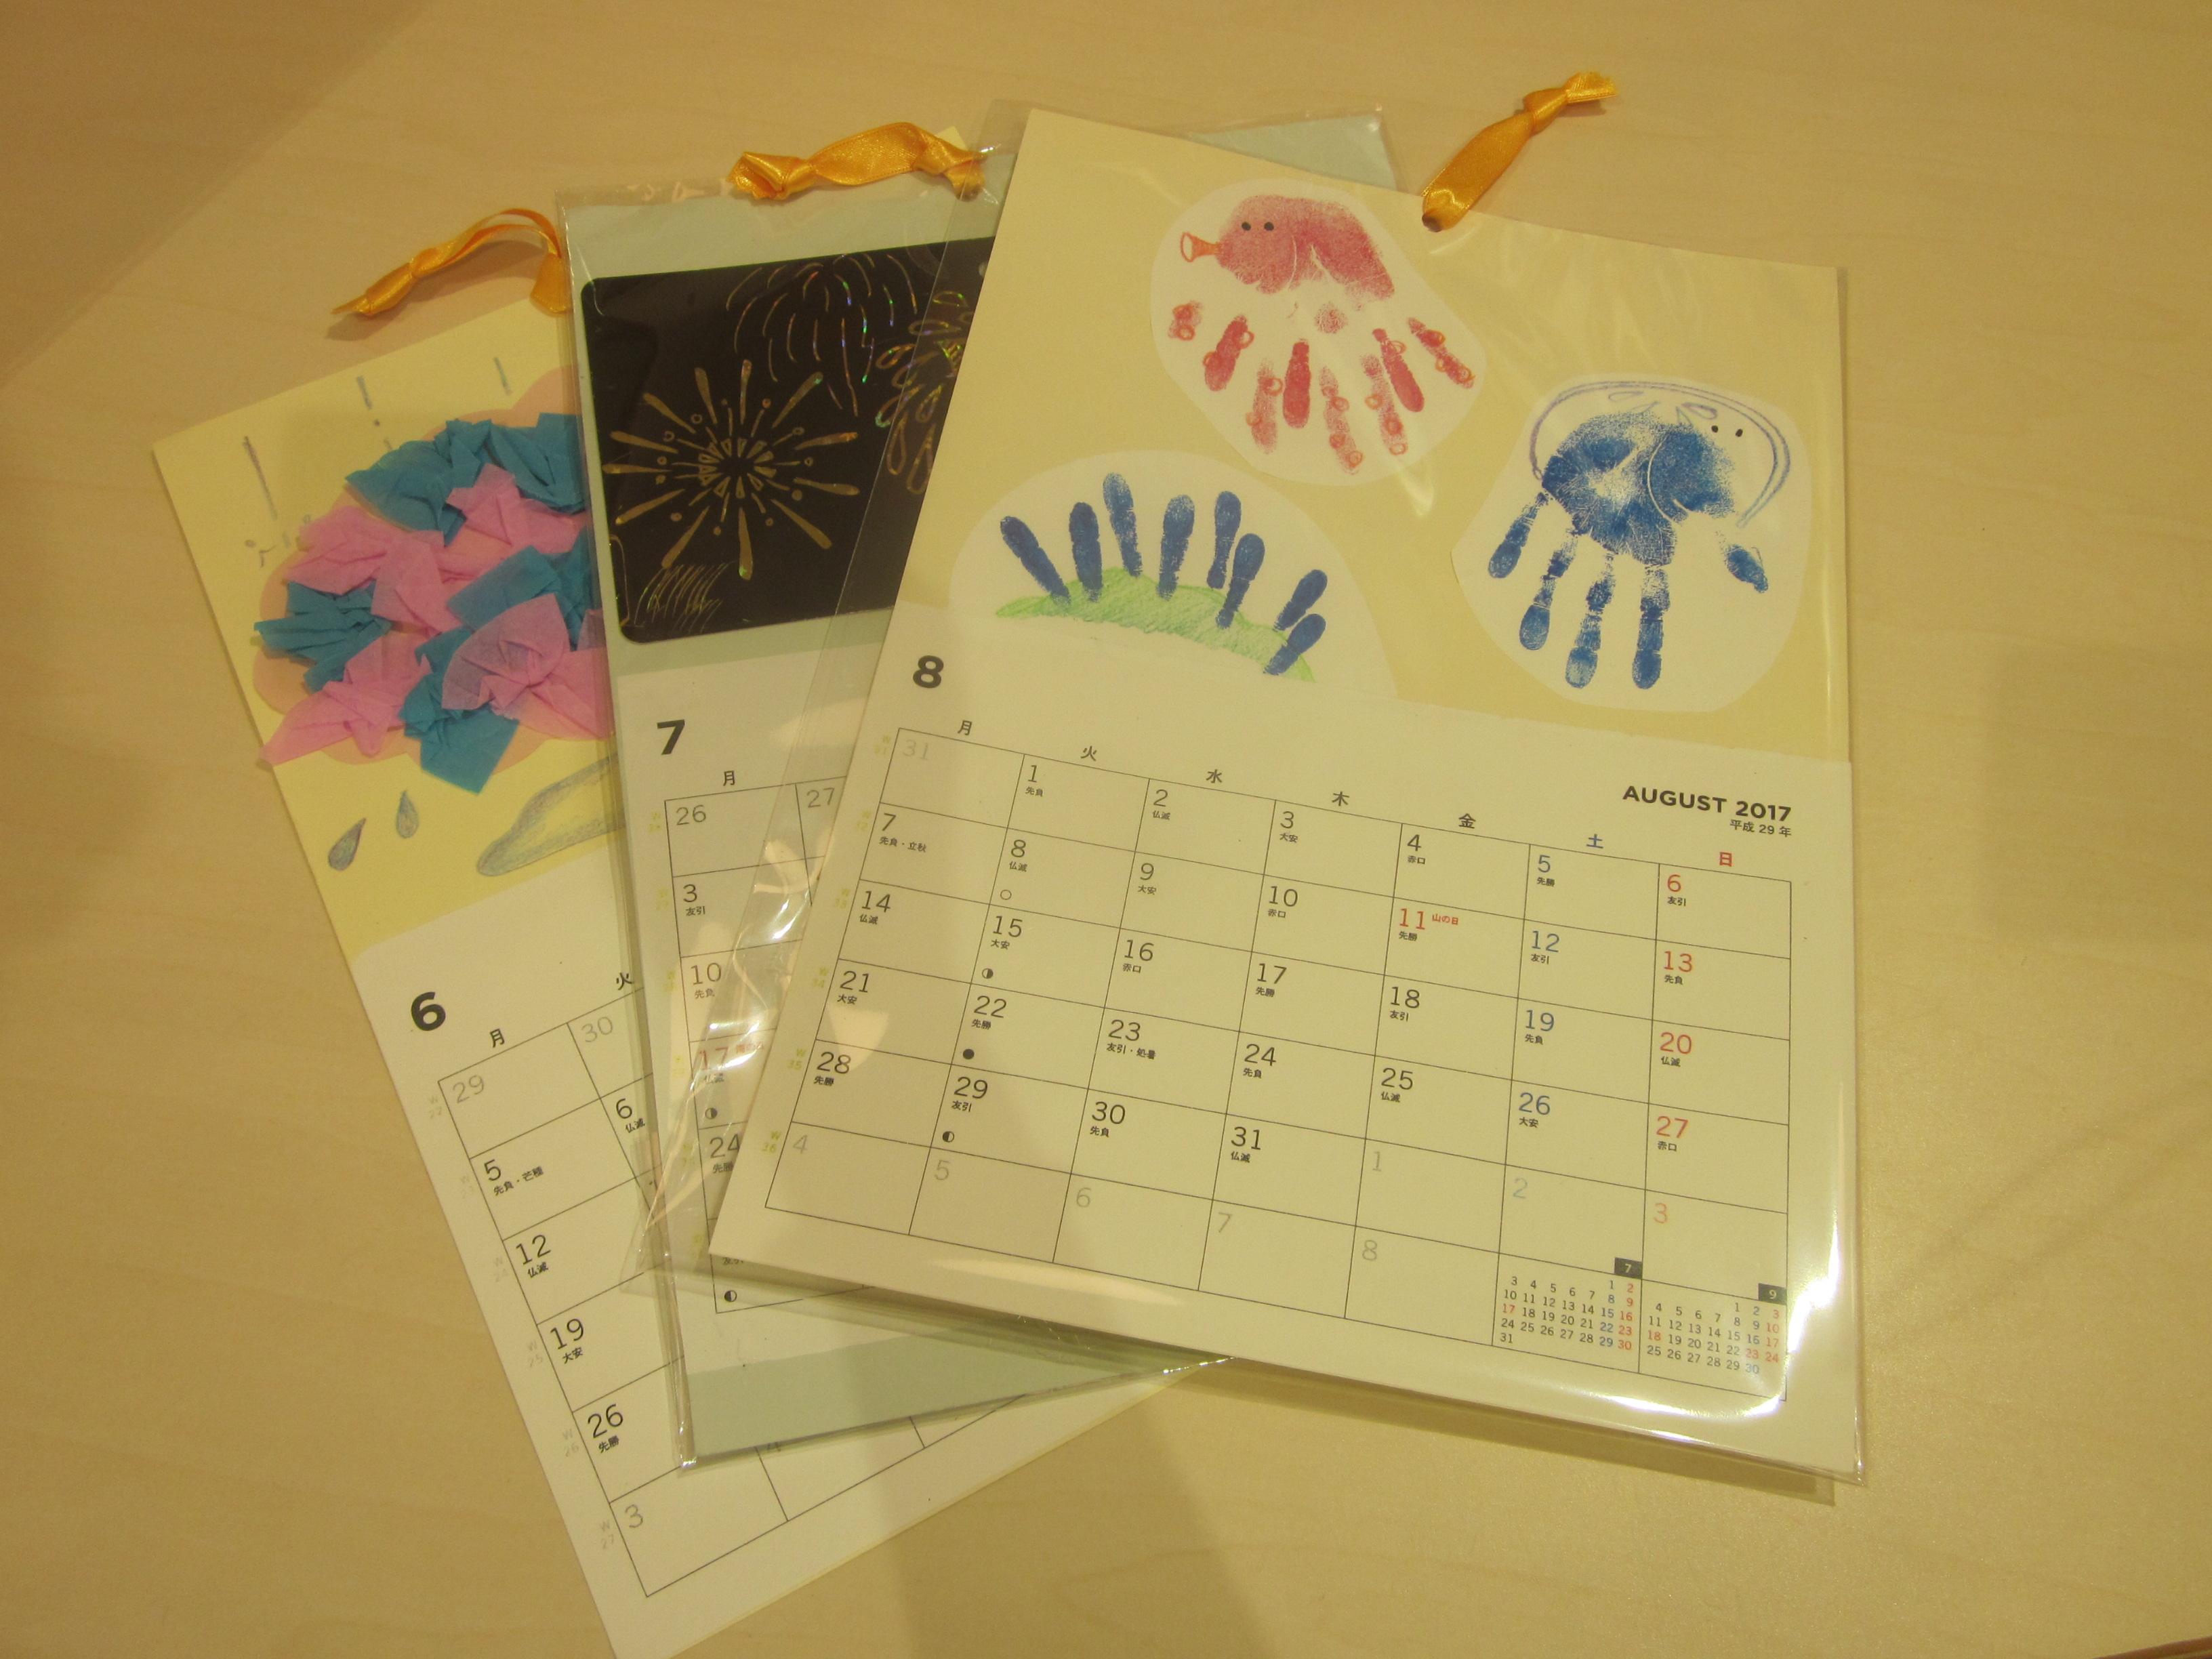 【マークイズみなとみらい店SHOP】今週末(7月15日・16日)は手型スタンプのカレンダーづくり!